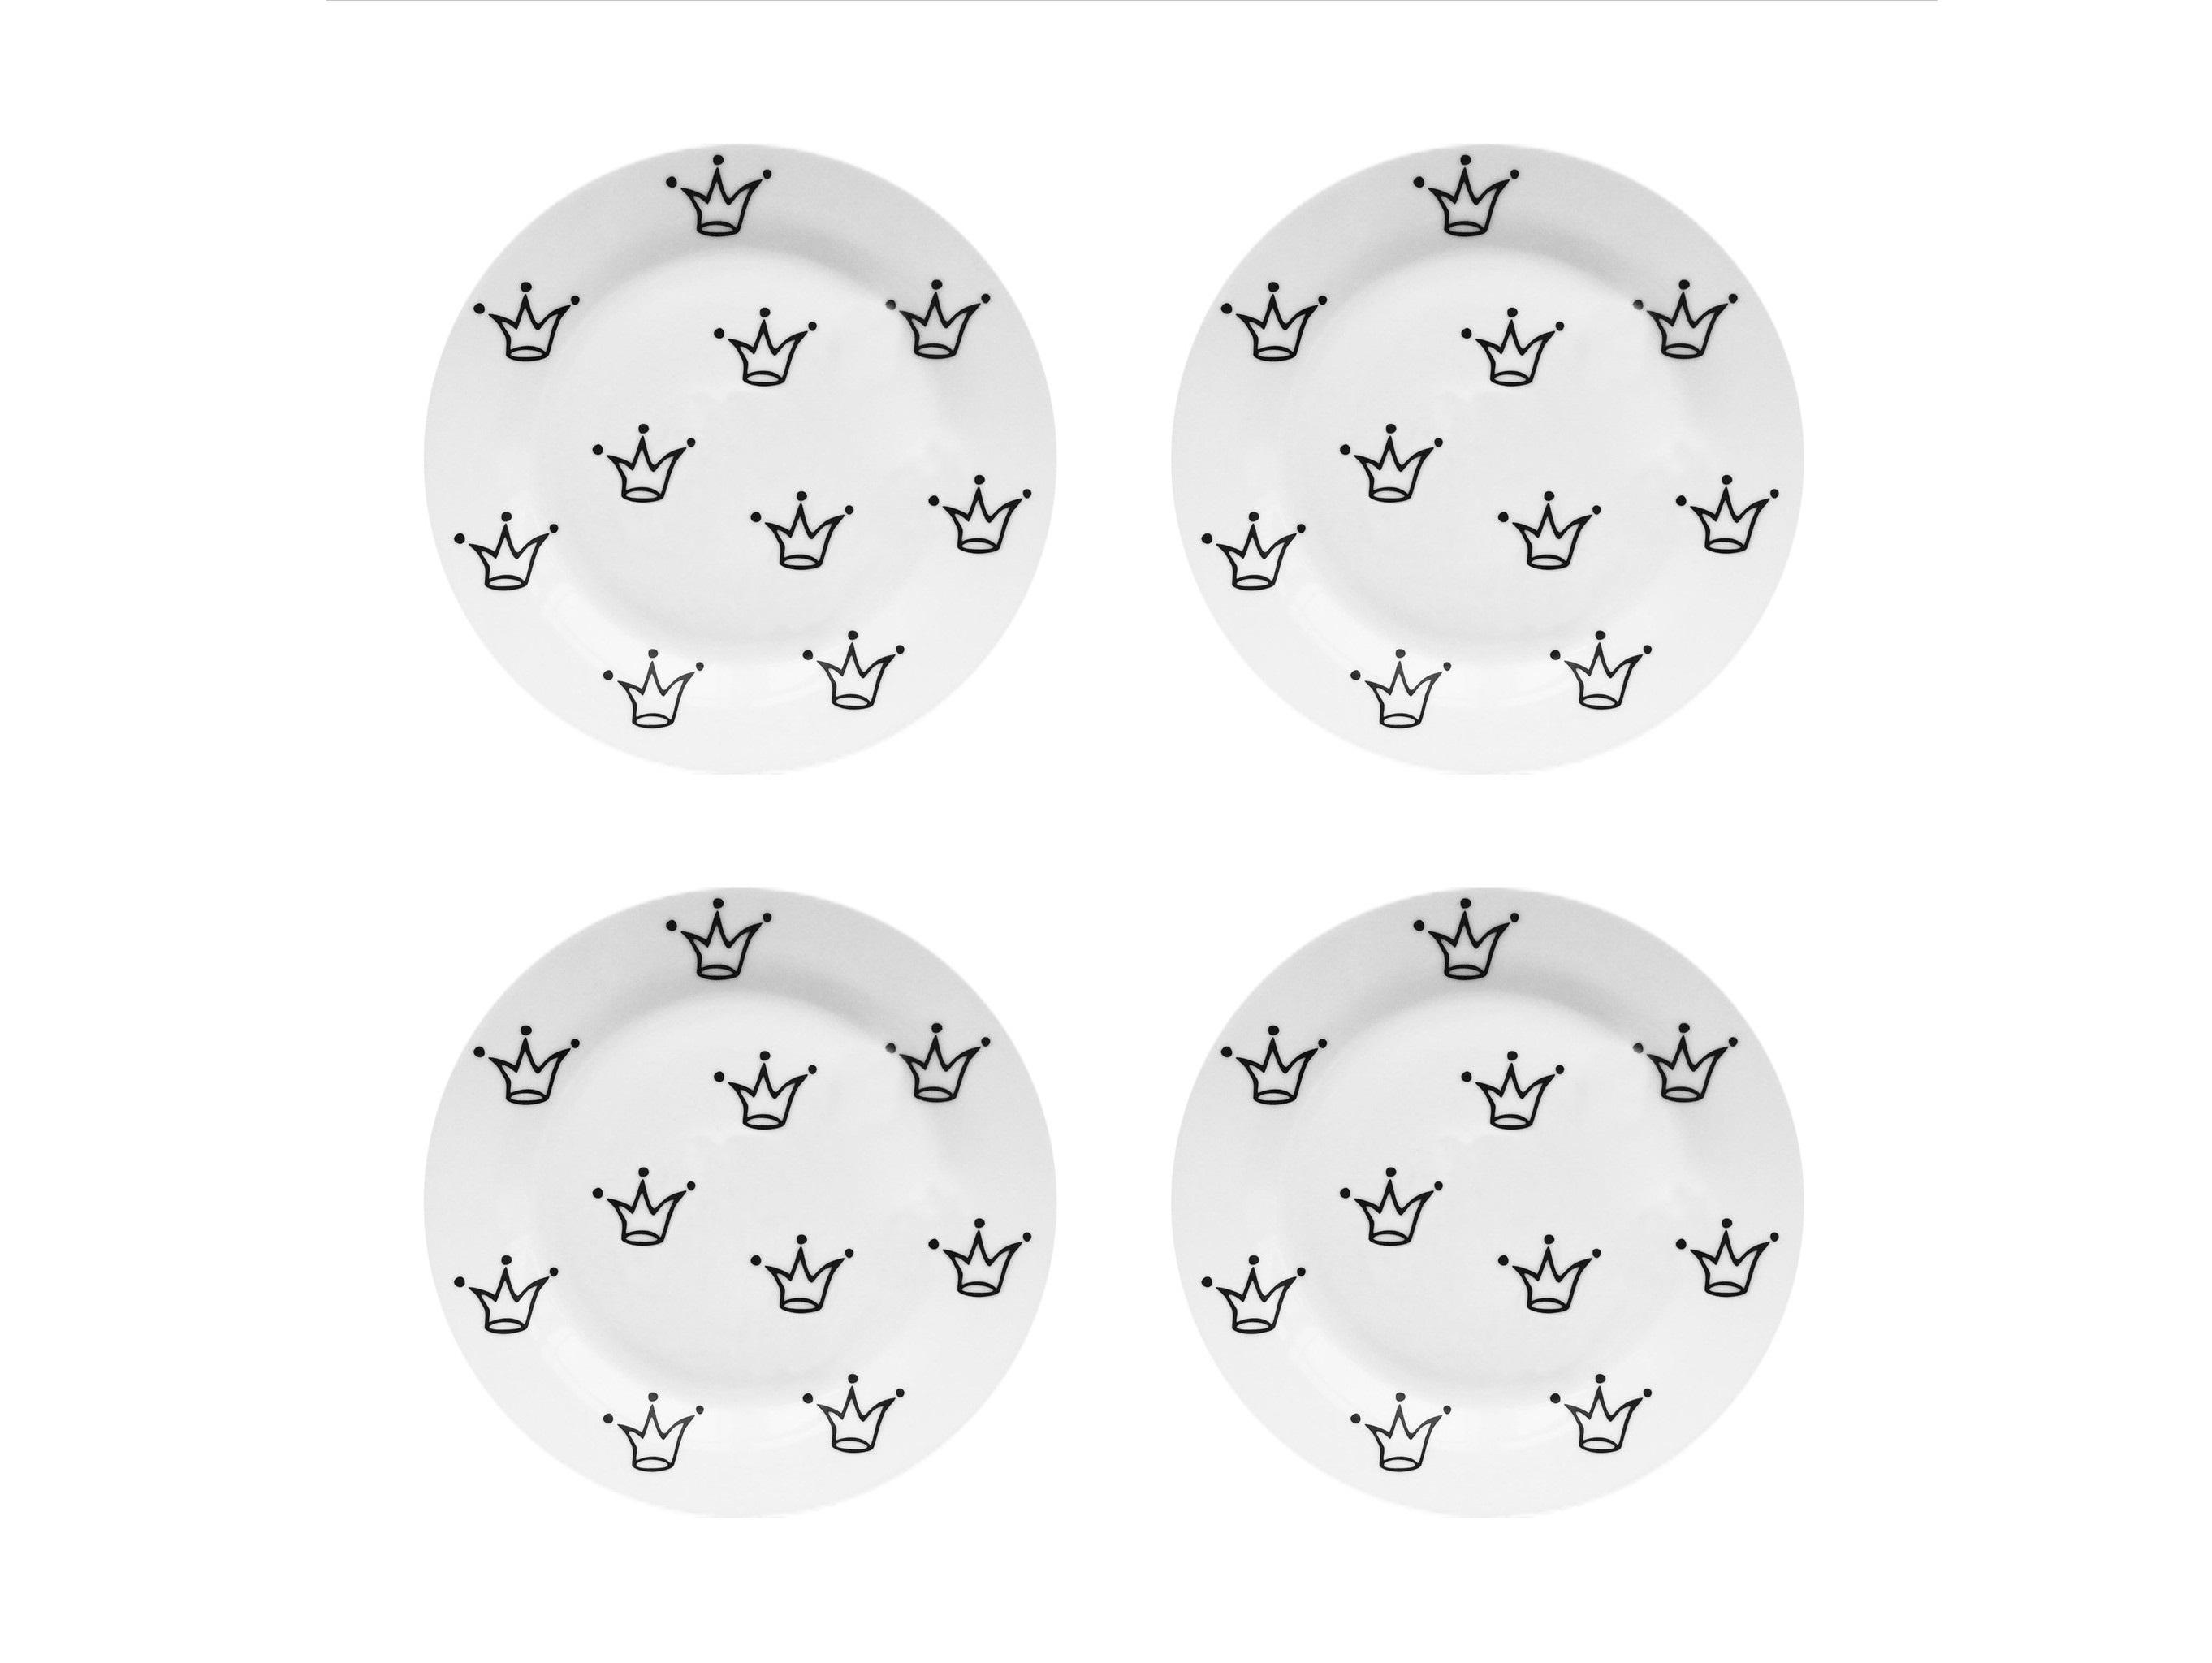 Набор тарелок My Little Crown Vol.2 (4 шт)Тарелки<br>Посуду можно использовать в микроволновой печи и посудомоечной машине.&amp;amp;nbsp;&amp;lt;div&amp;gt;В комплект входят: Тарелка 20 см - 4 шт.&amp;lt;/div&amp;gt;<br><br>Material: Фарфор